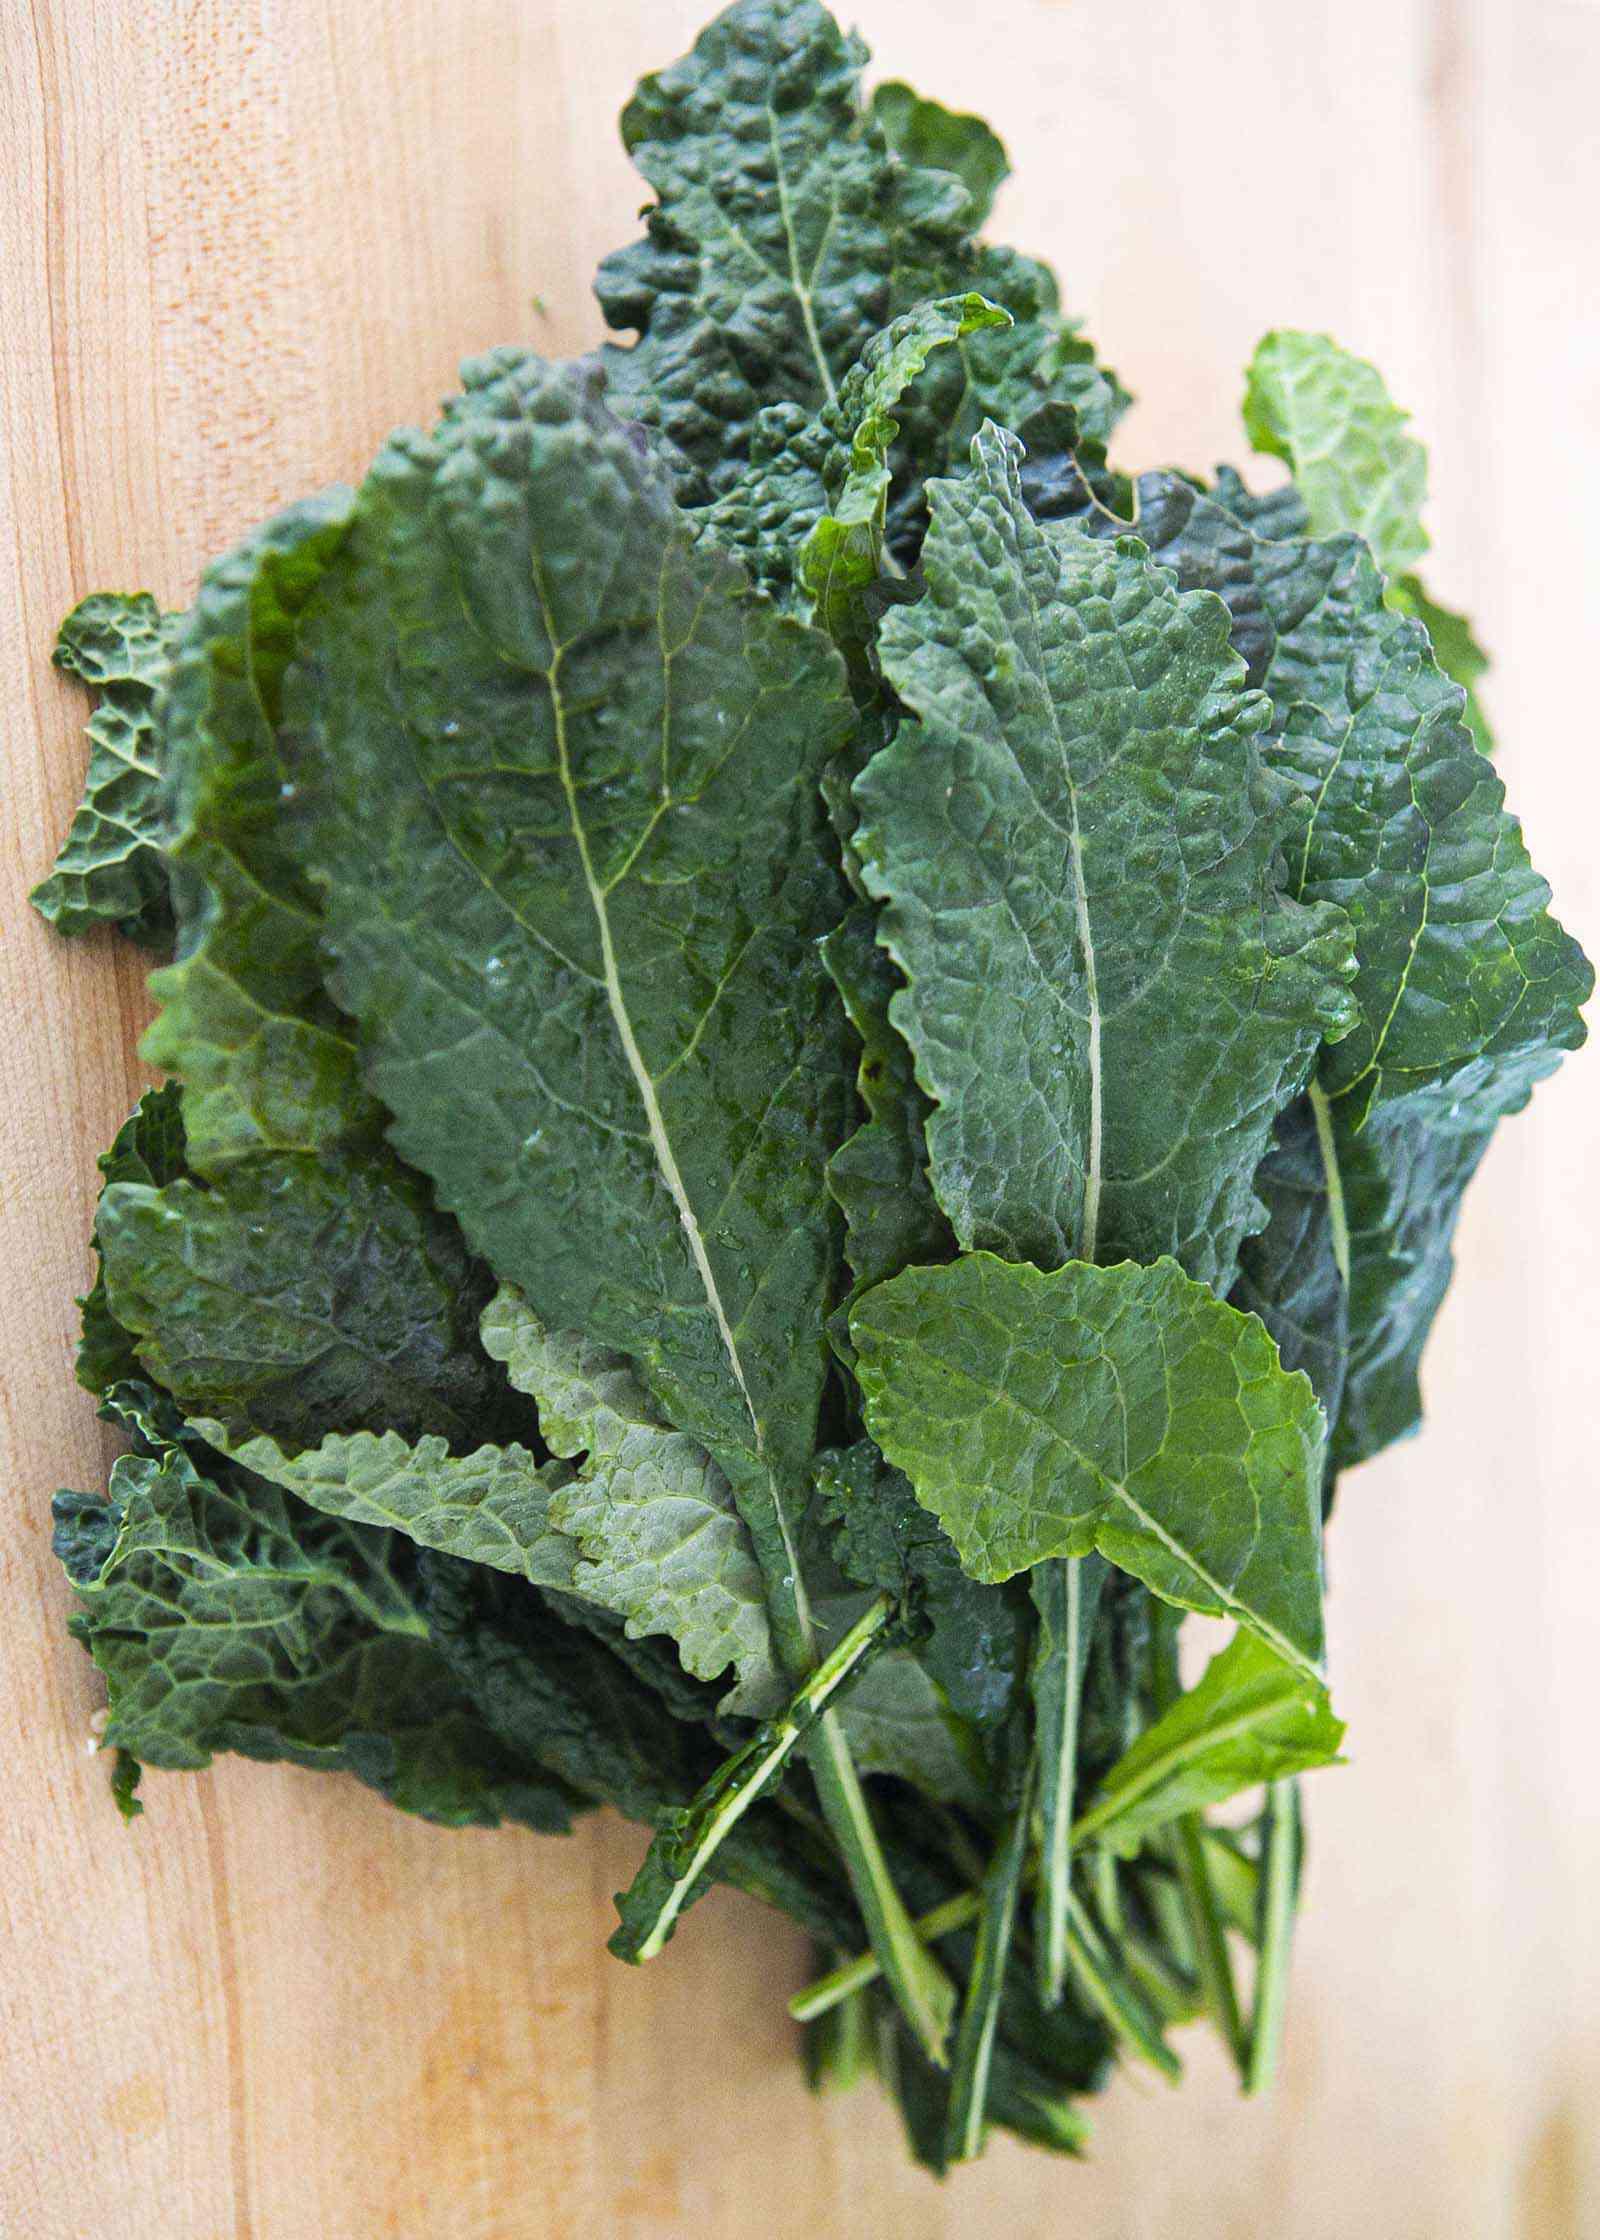 Kale for making easy kale salad